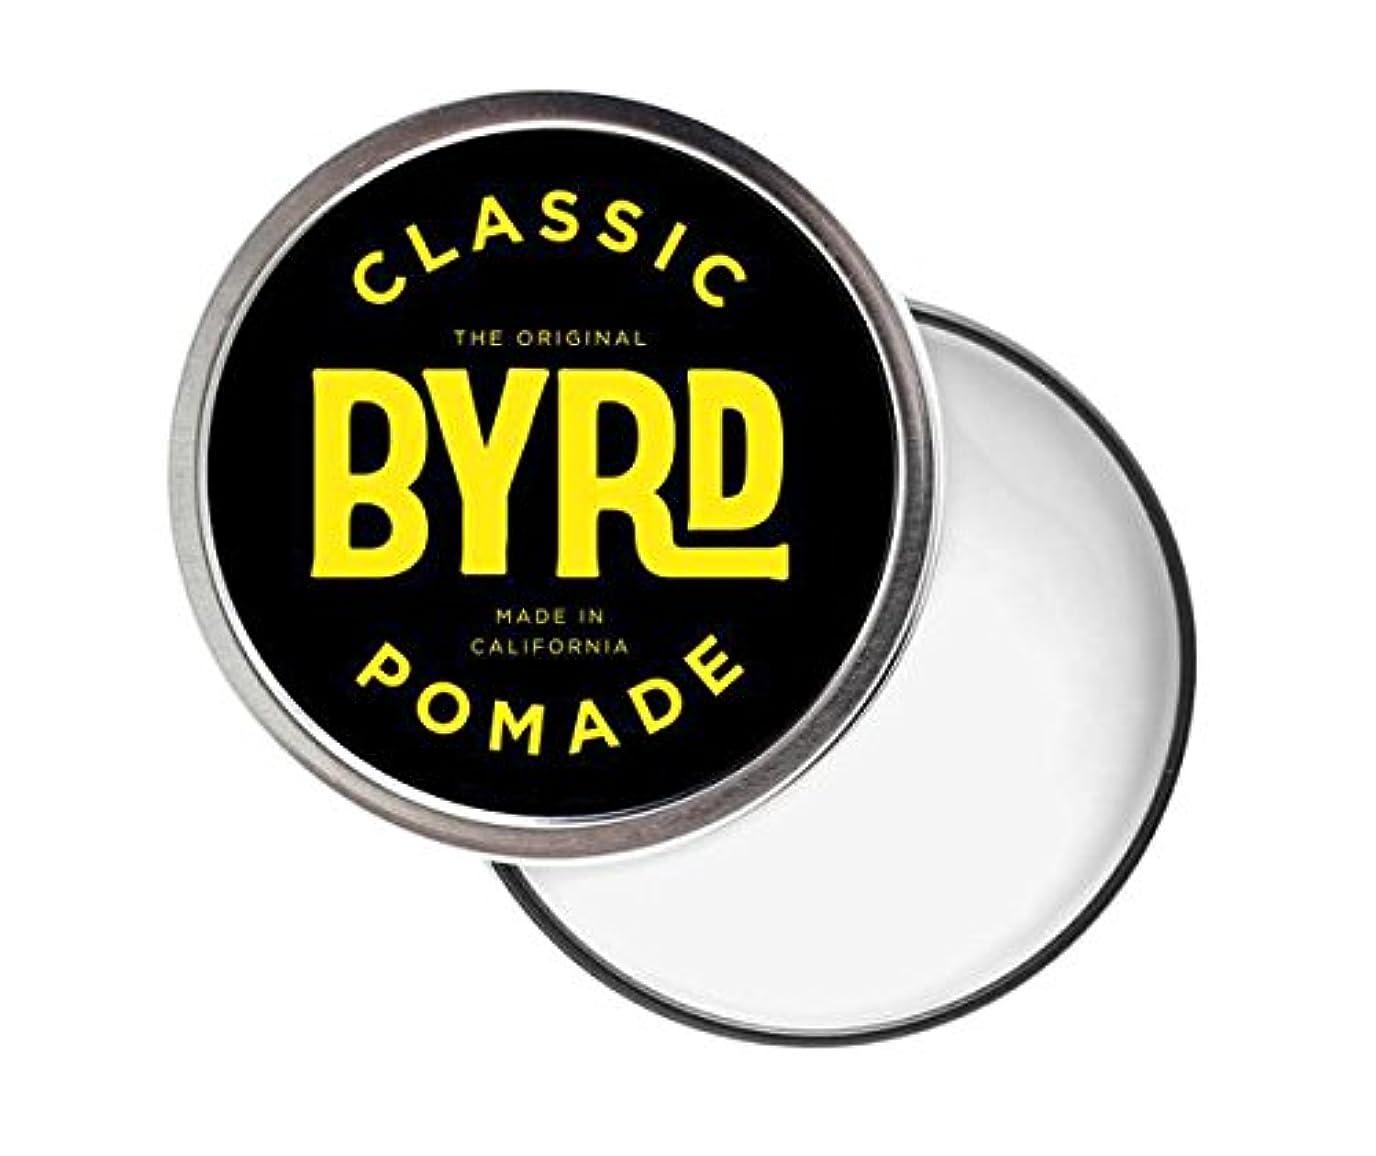 リファイン実現可能性印をつけるBYRD(バード) クラシックポマード 42g